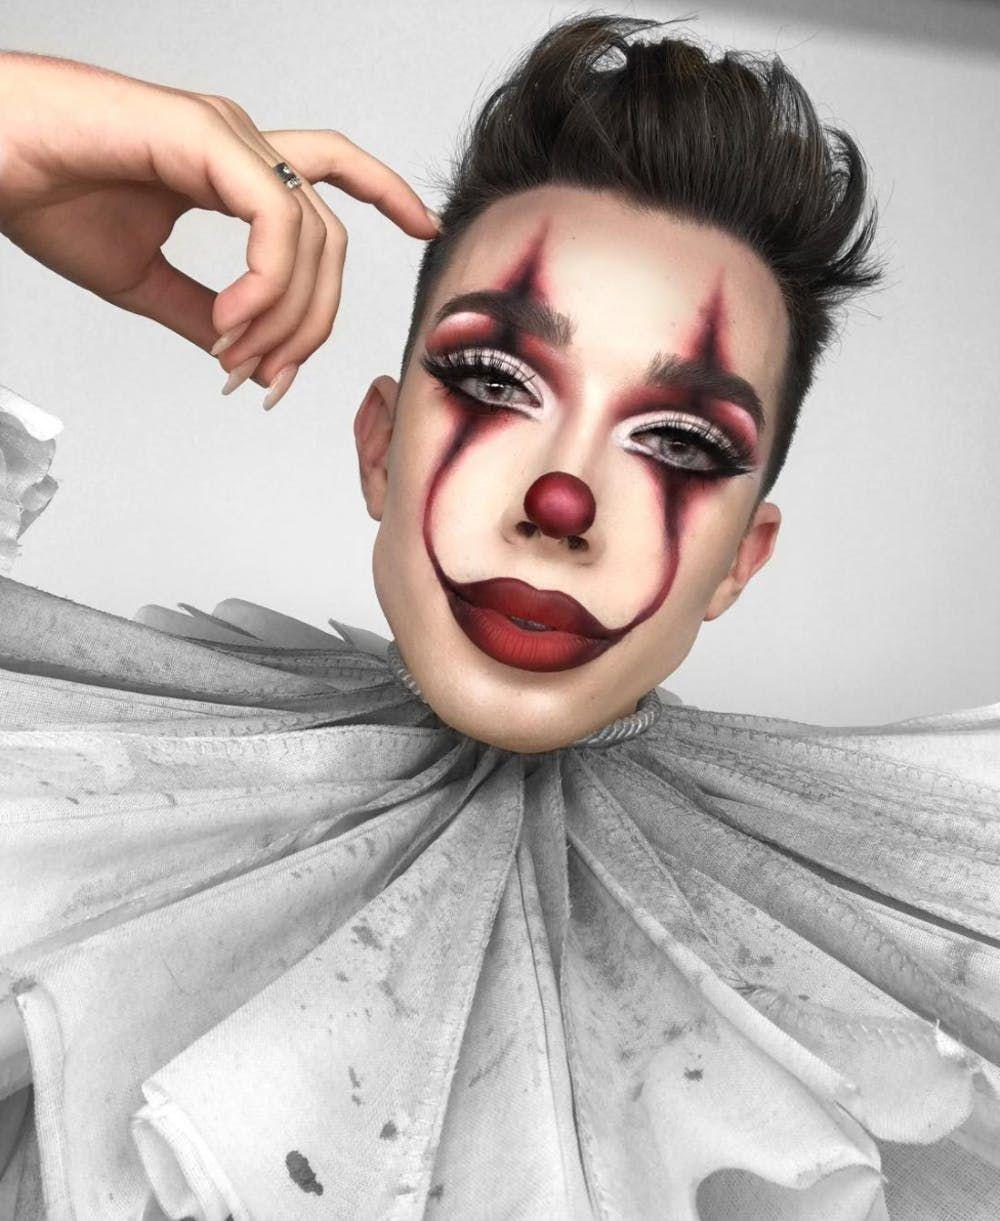 pennywise makeup James Charles Halloween makeup clown